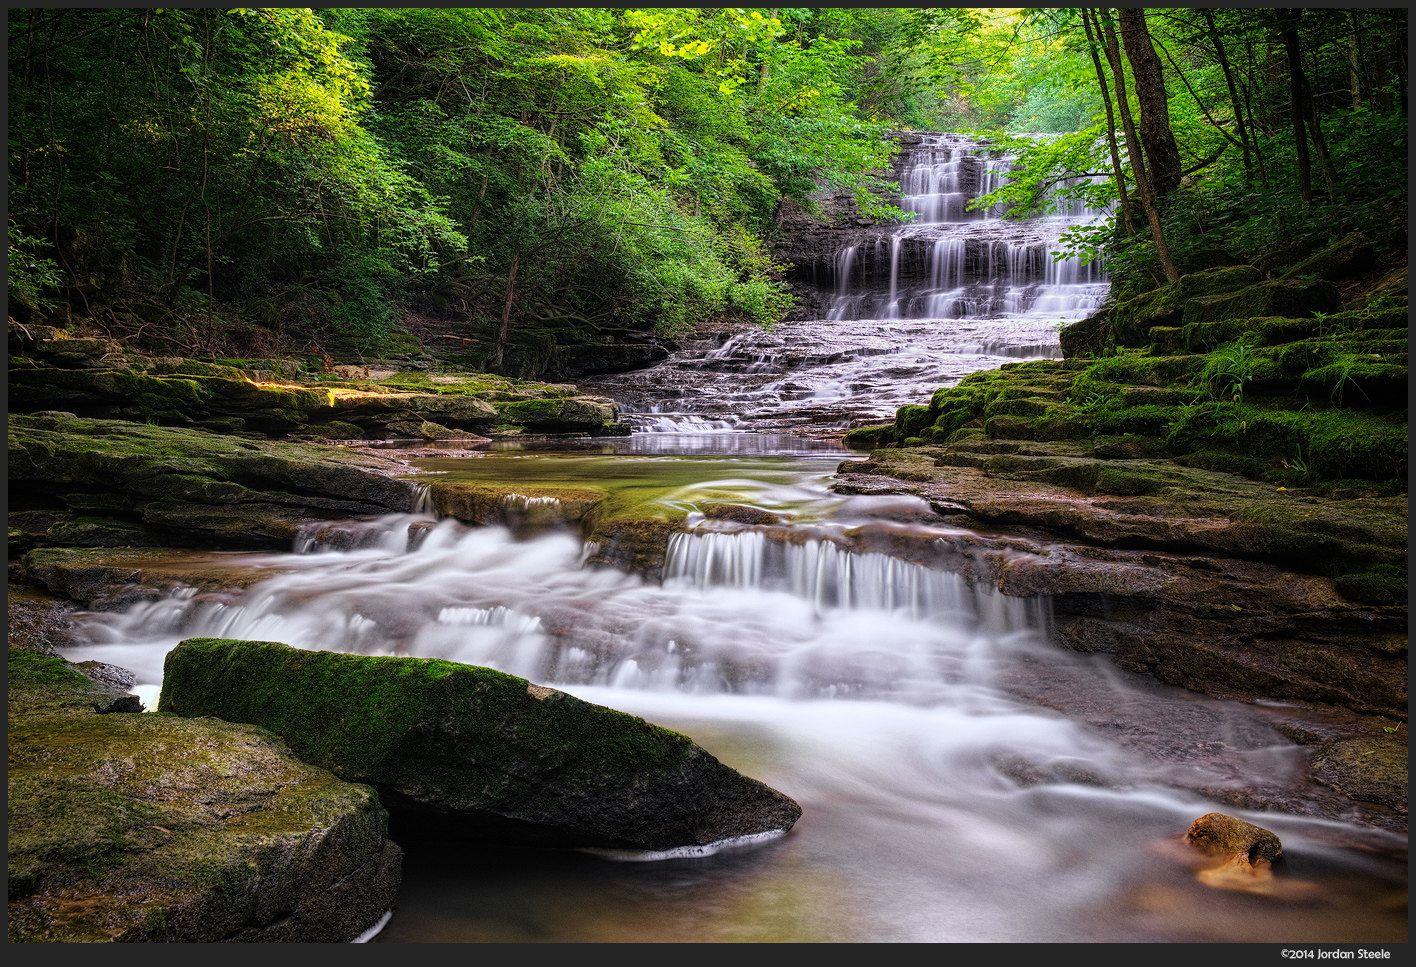 Fallsville Falls by Jordan Steele on 500px